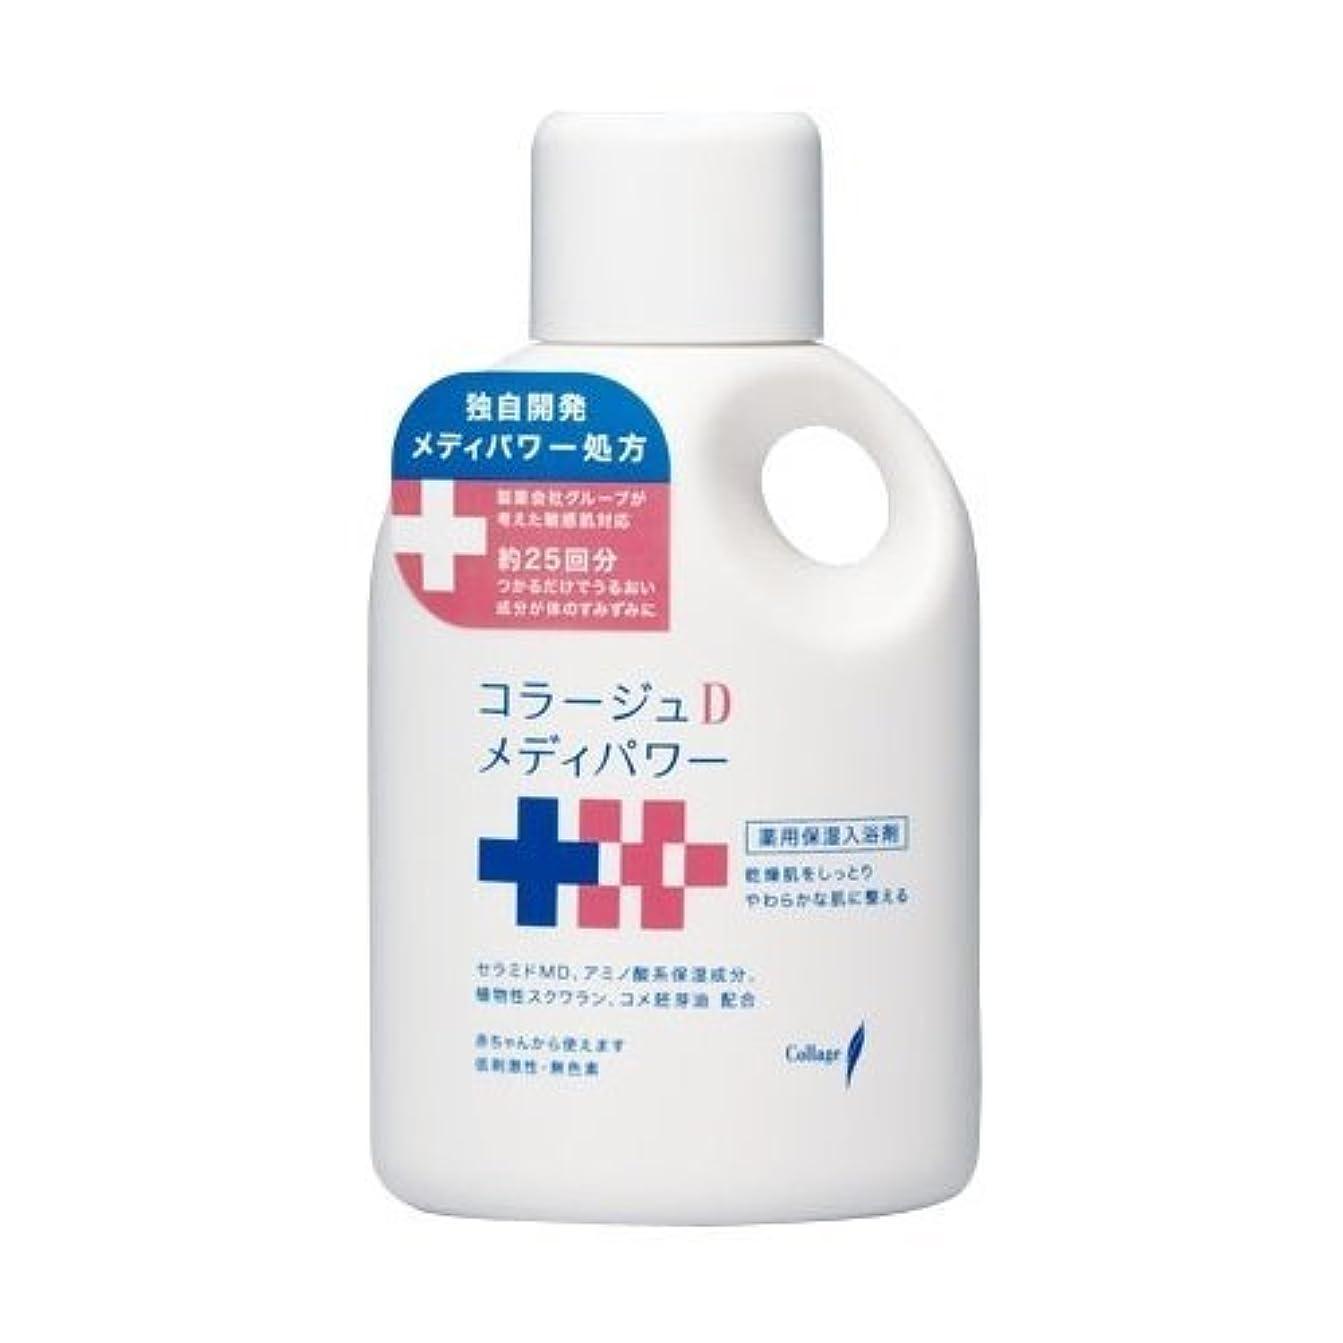 アンタゴニスト連続的実行コラージュ Dメディパワー 保湿入浴剤 500mL (医薬部外品)